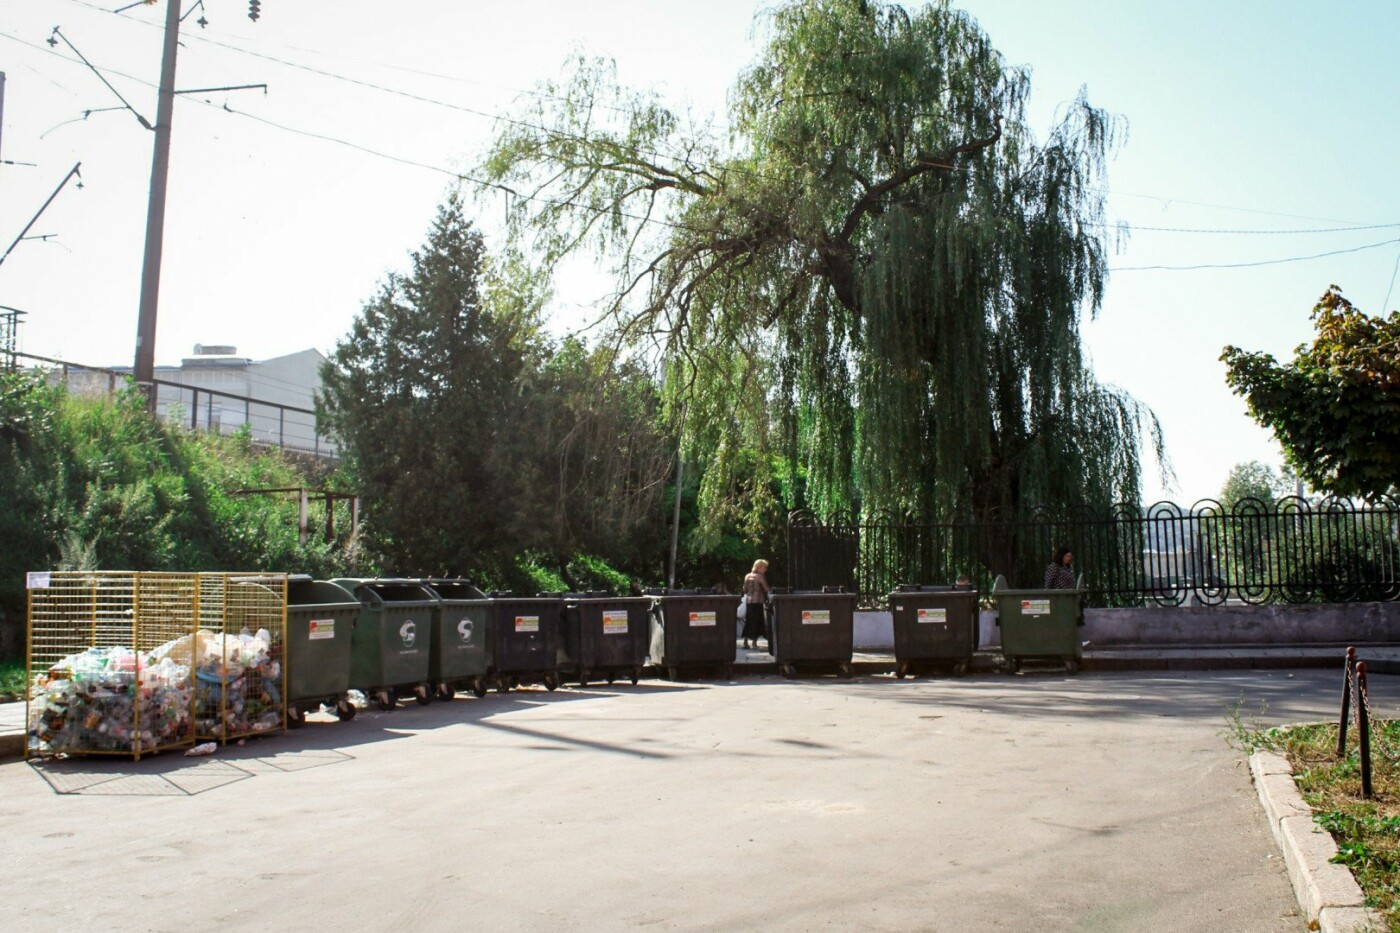 Громадський бюджет Львова 2018: ТОП-7 проектів для Шевченківського району, фото-12